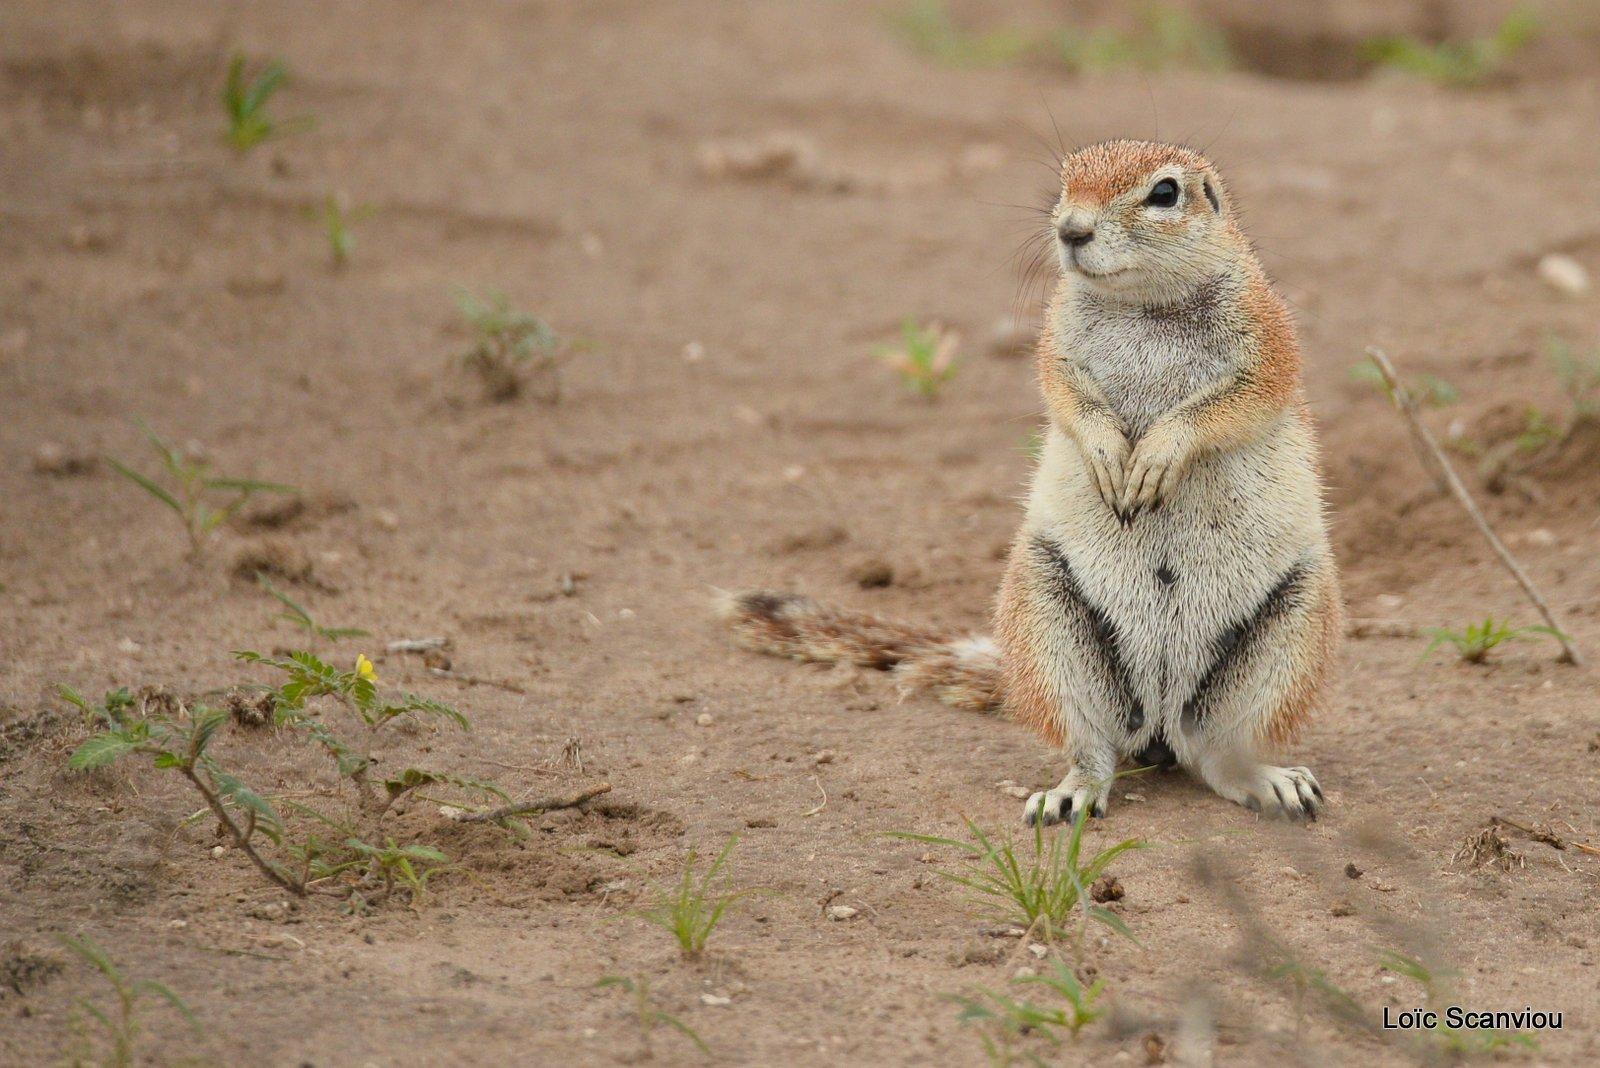 Écureuil terrestre du Cap/Cape Ground Squirrel (3)